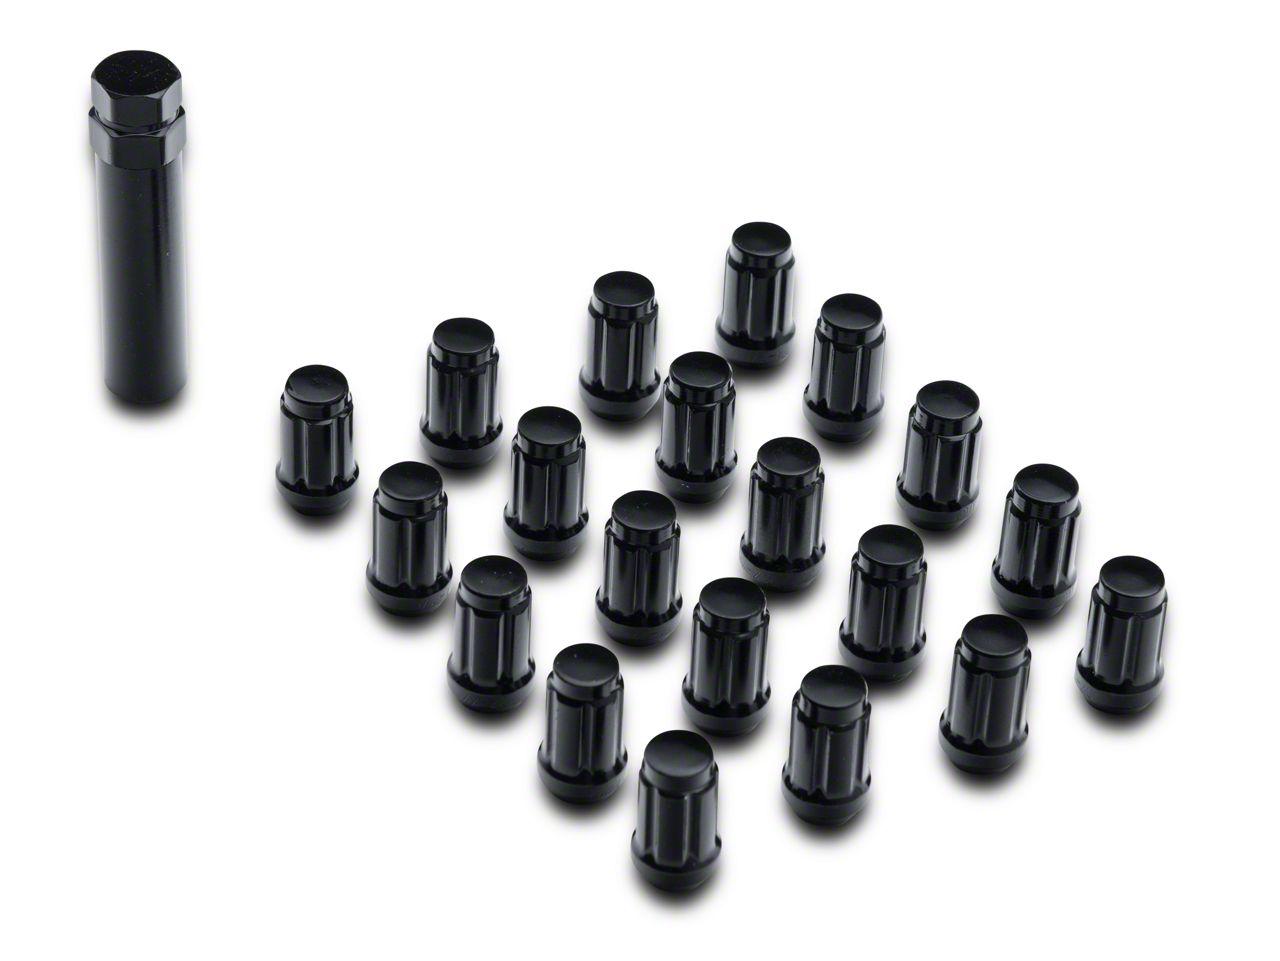 Teraflex Black 6 Spline Drive Lug Nut Kit - 1/2 in. x 20 (07-18 Jeep Wrangler JK)